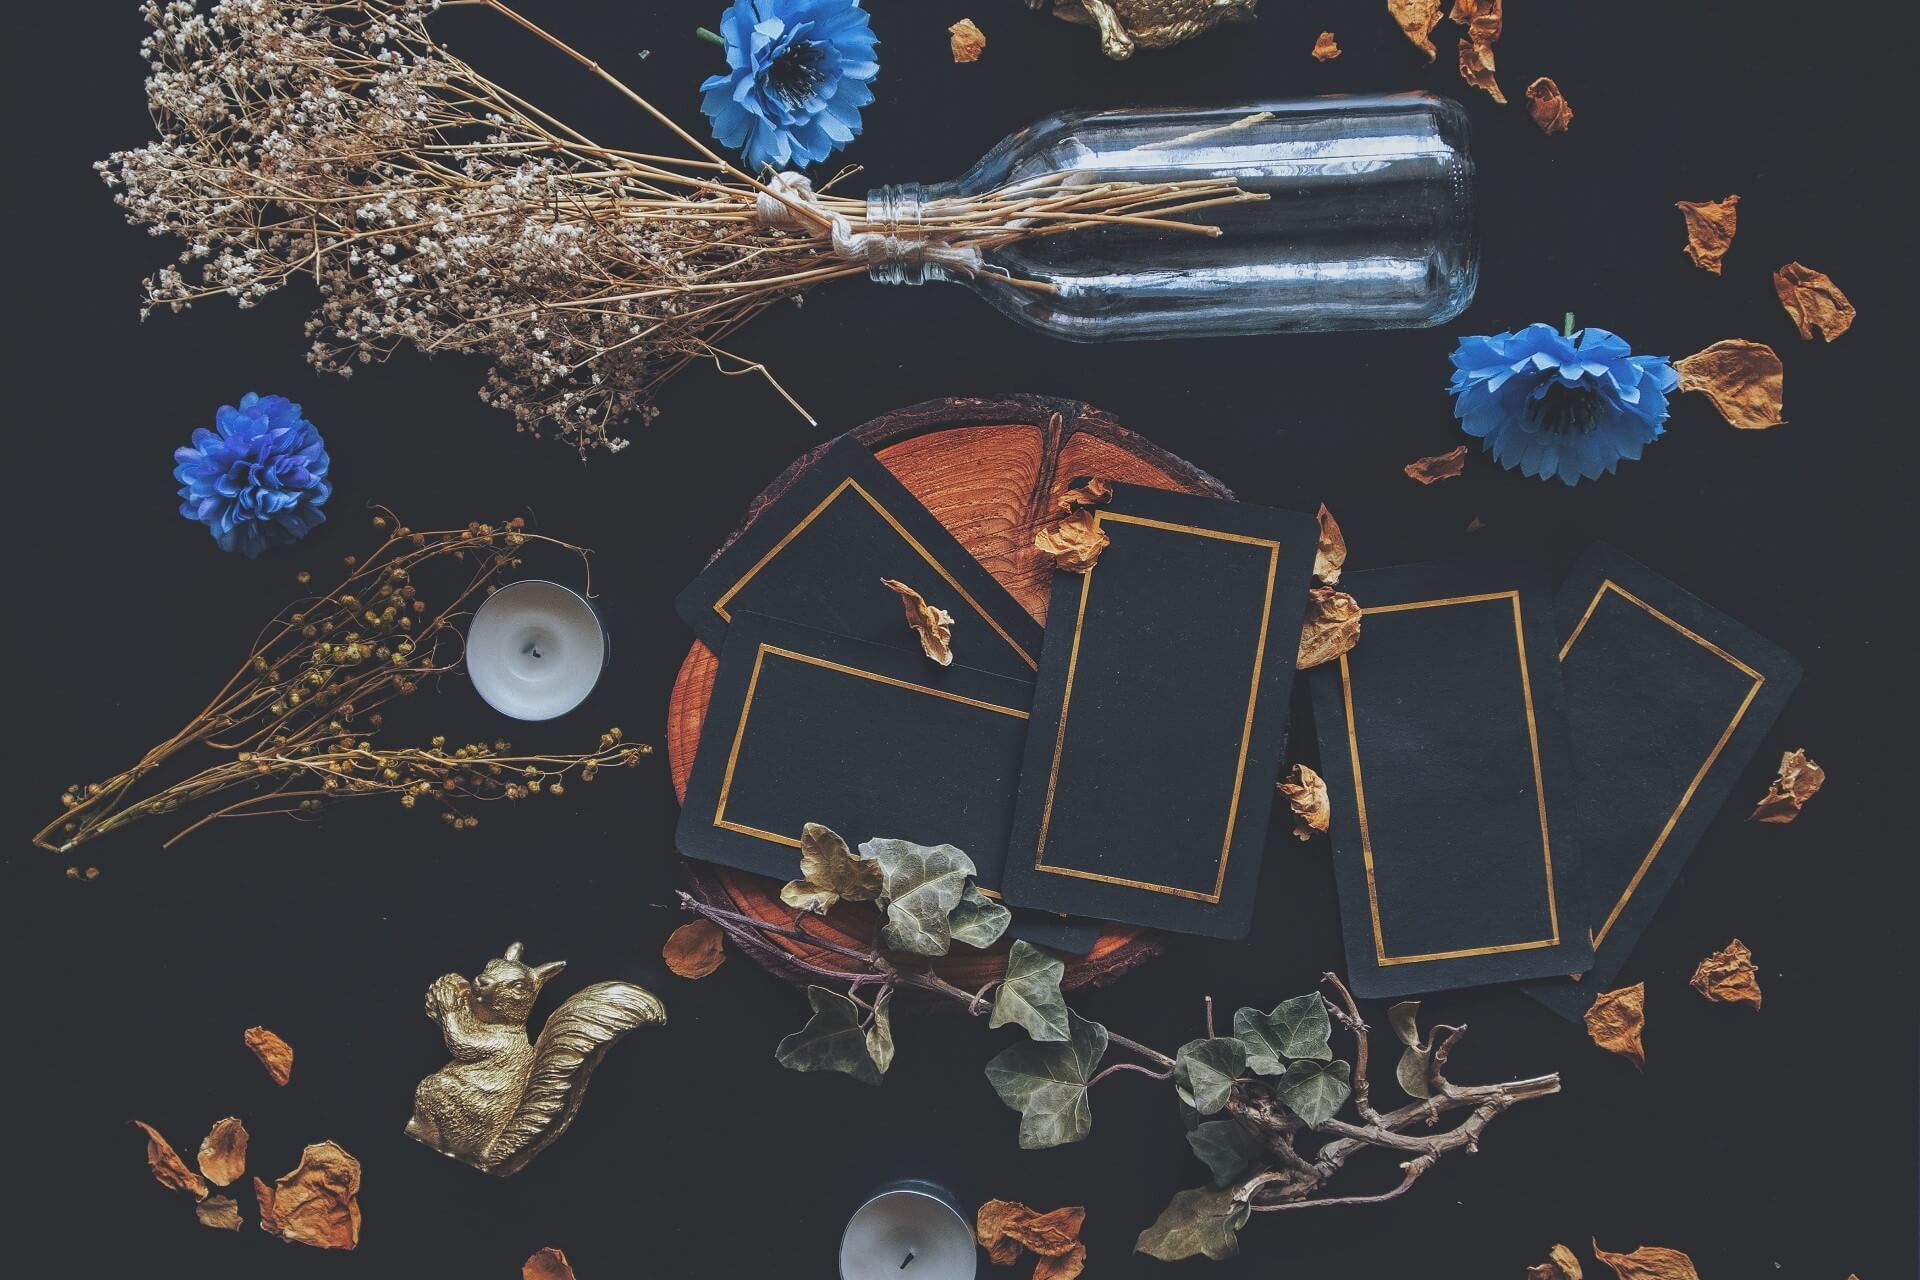 Tarot cards spread on a table